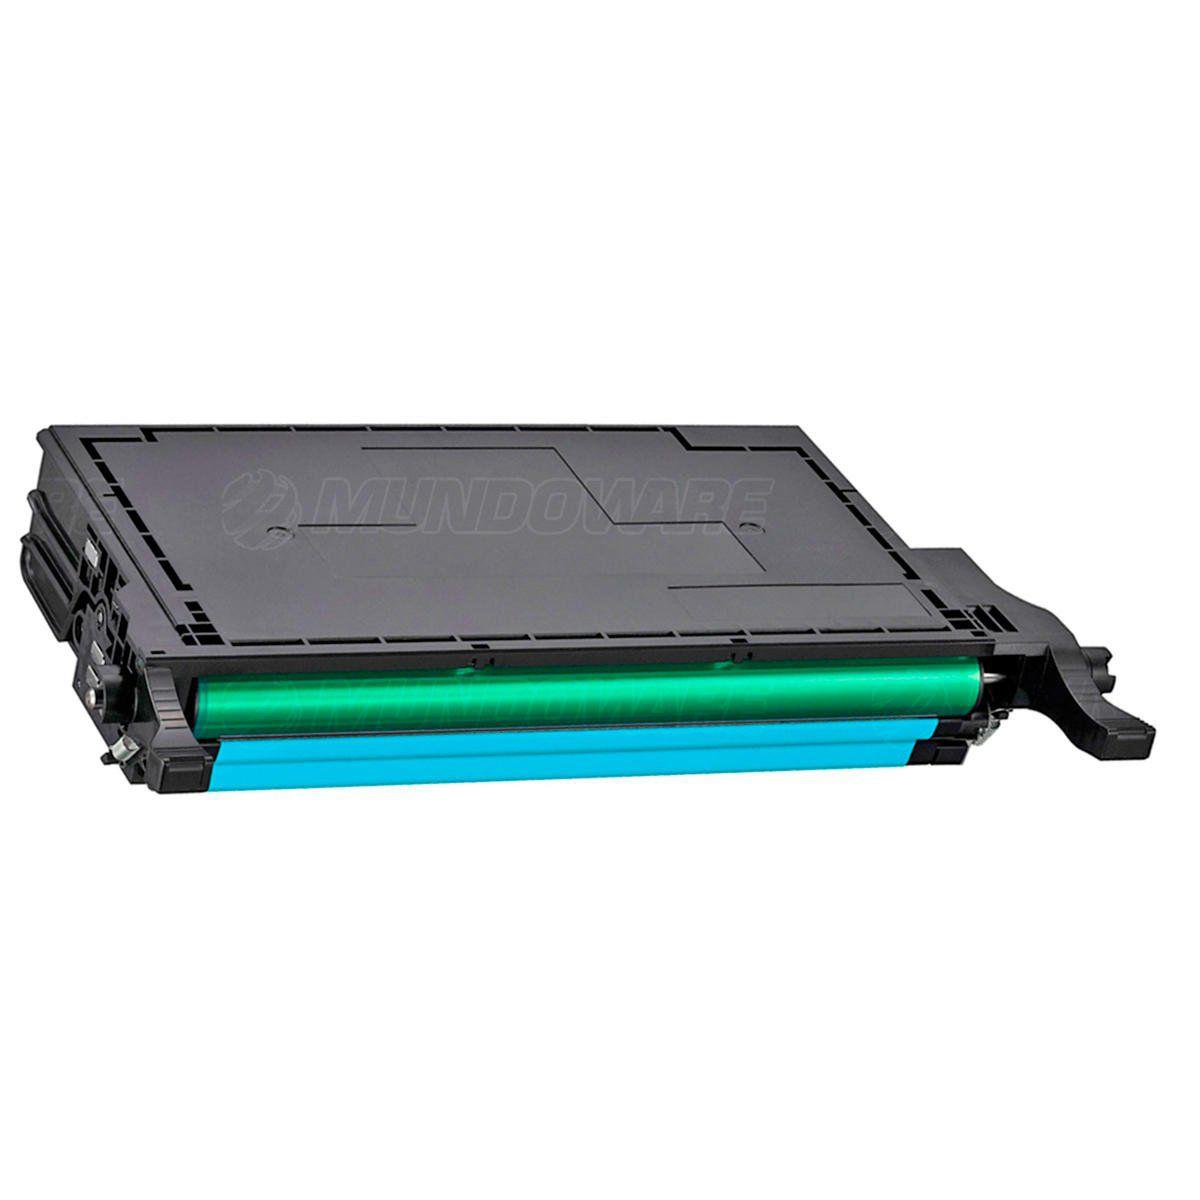 Compatível: Toner CLT-C609S 609S para Samsung CLP770 CLP775 CLP770nd CLP775nd CLP-770nd CLP-775nd / Ciano / 7.000